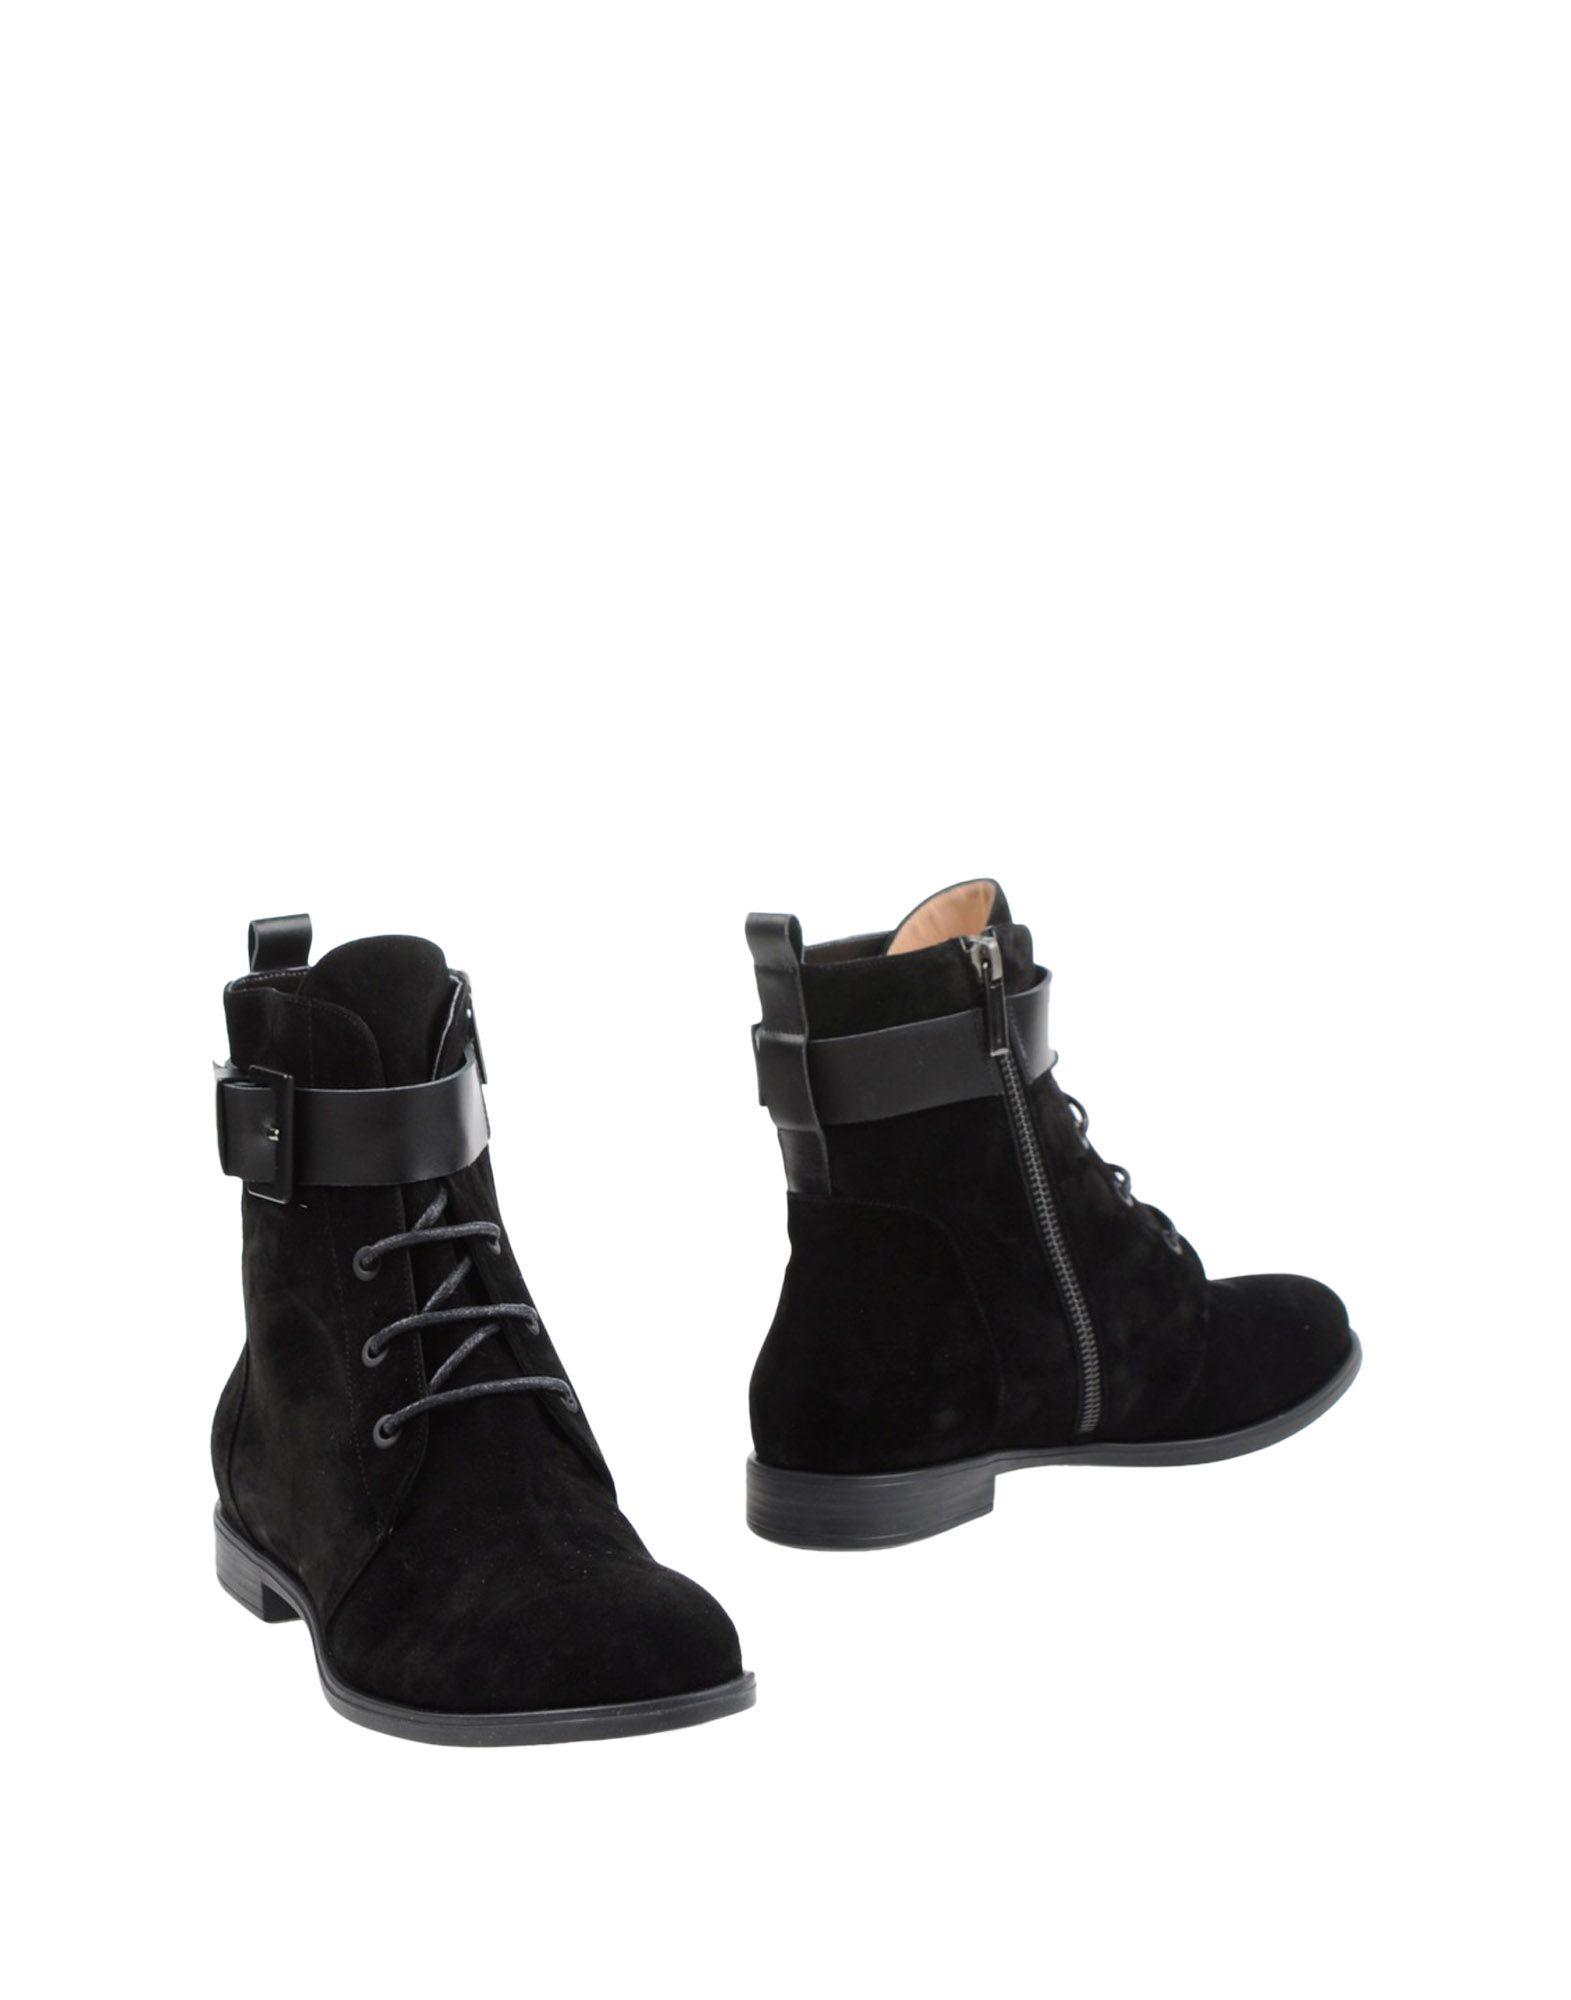 Marco Barbabella Stiefelette Damen  11228981HCGut aussehende strapazierfähige Schuhe